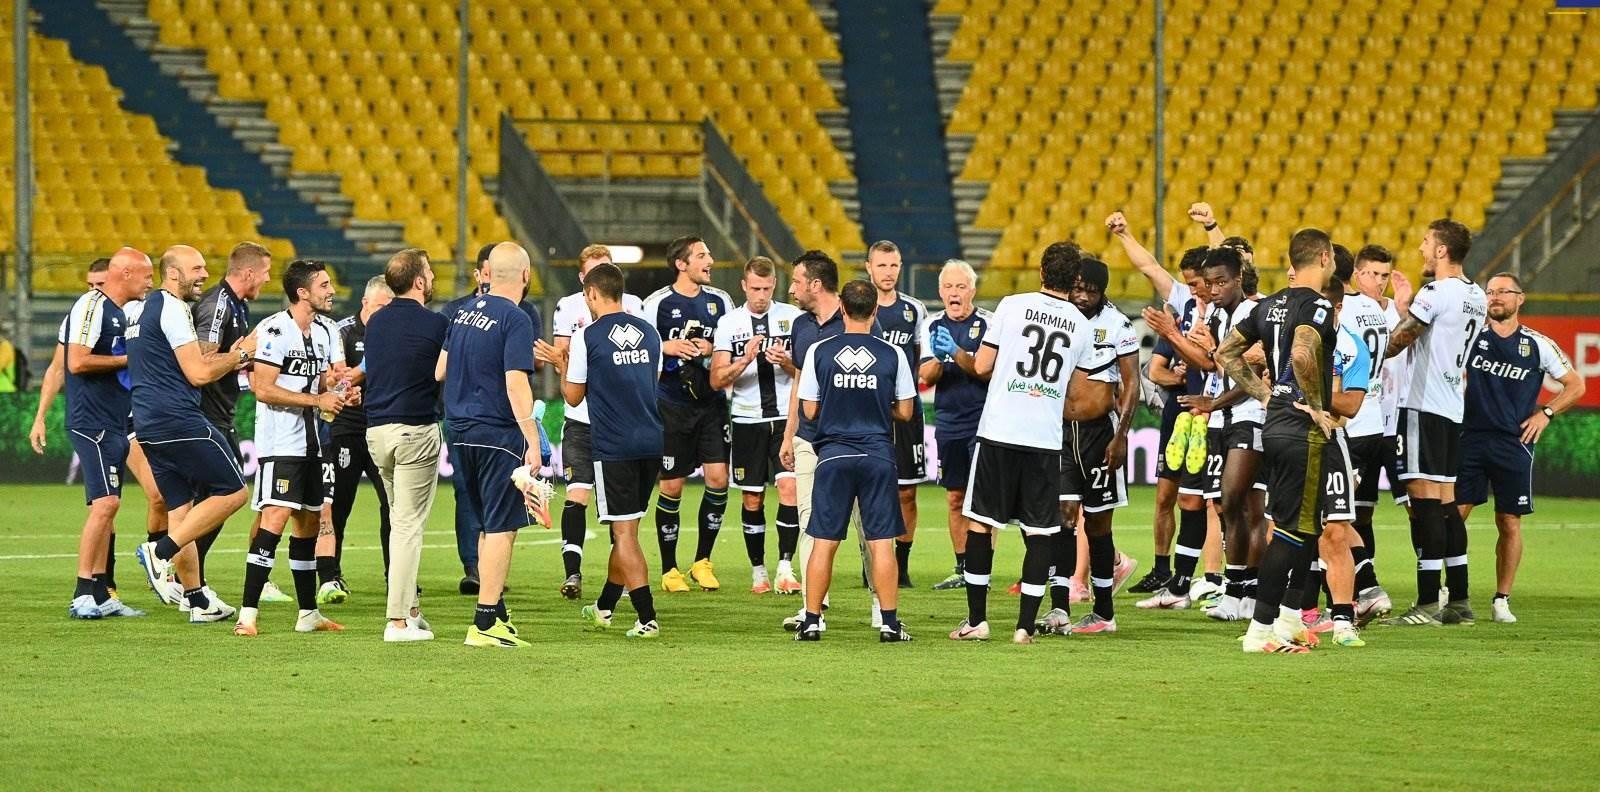 لاعبو بارما يحتفلون بعد الانتصار (تويتر)